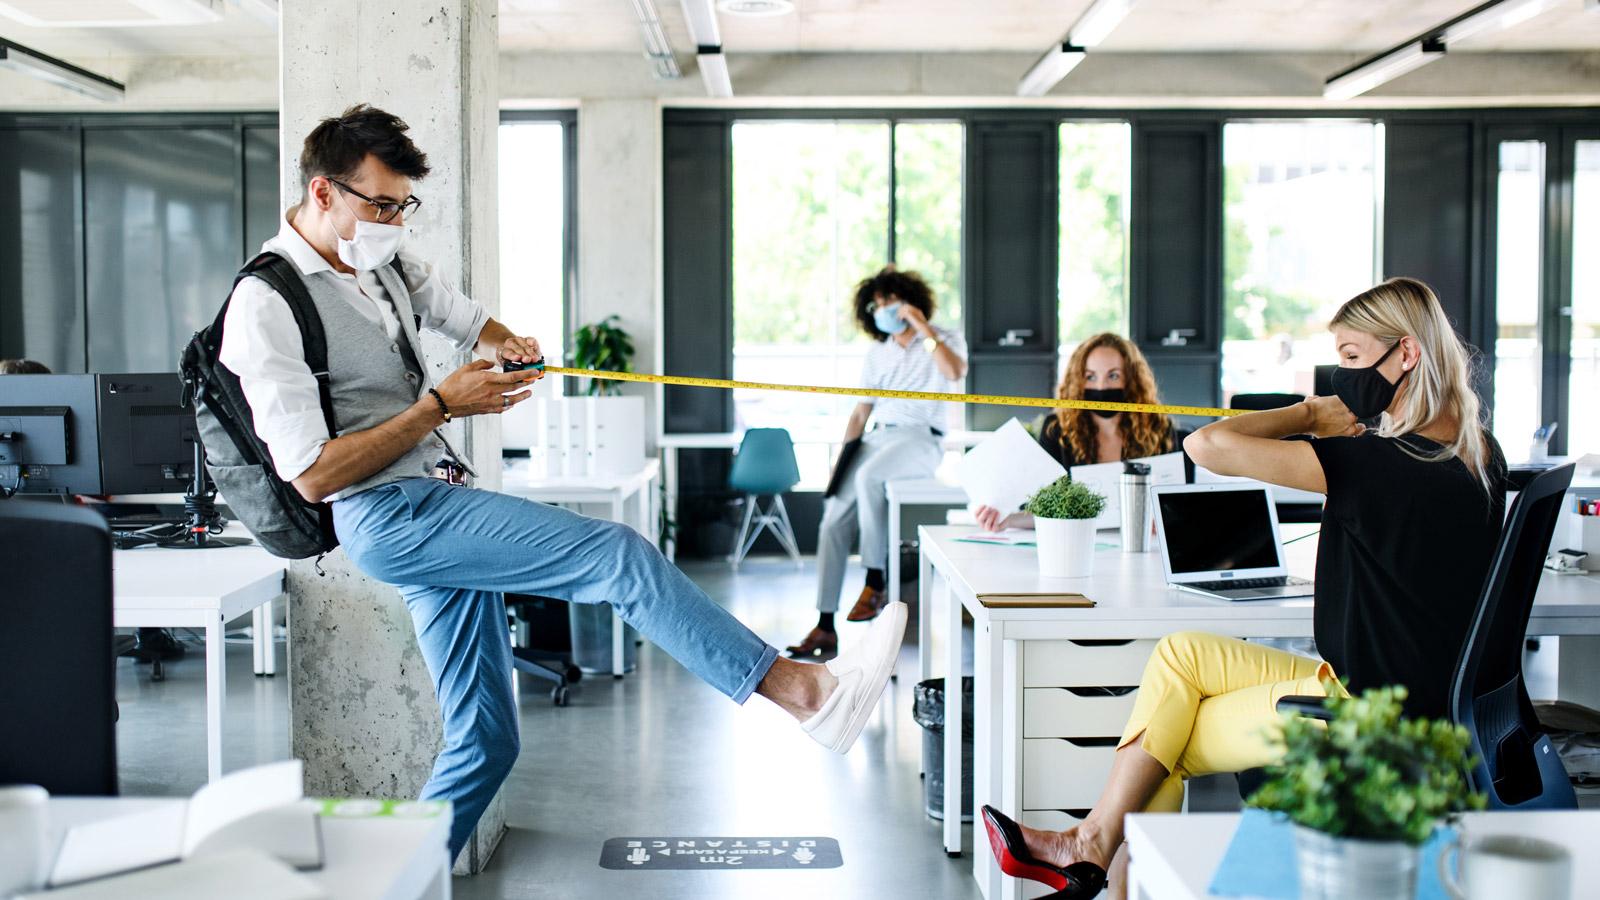 Powrót pracowników do biura – Jakie rozwiązania wdrażają pracodawcy? Koronakryzys mediarun biuro odleglosc bezpieczenstwo 2020